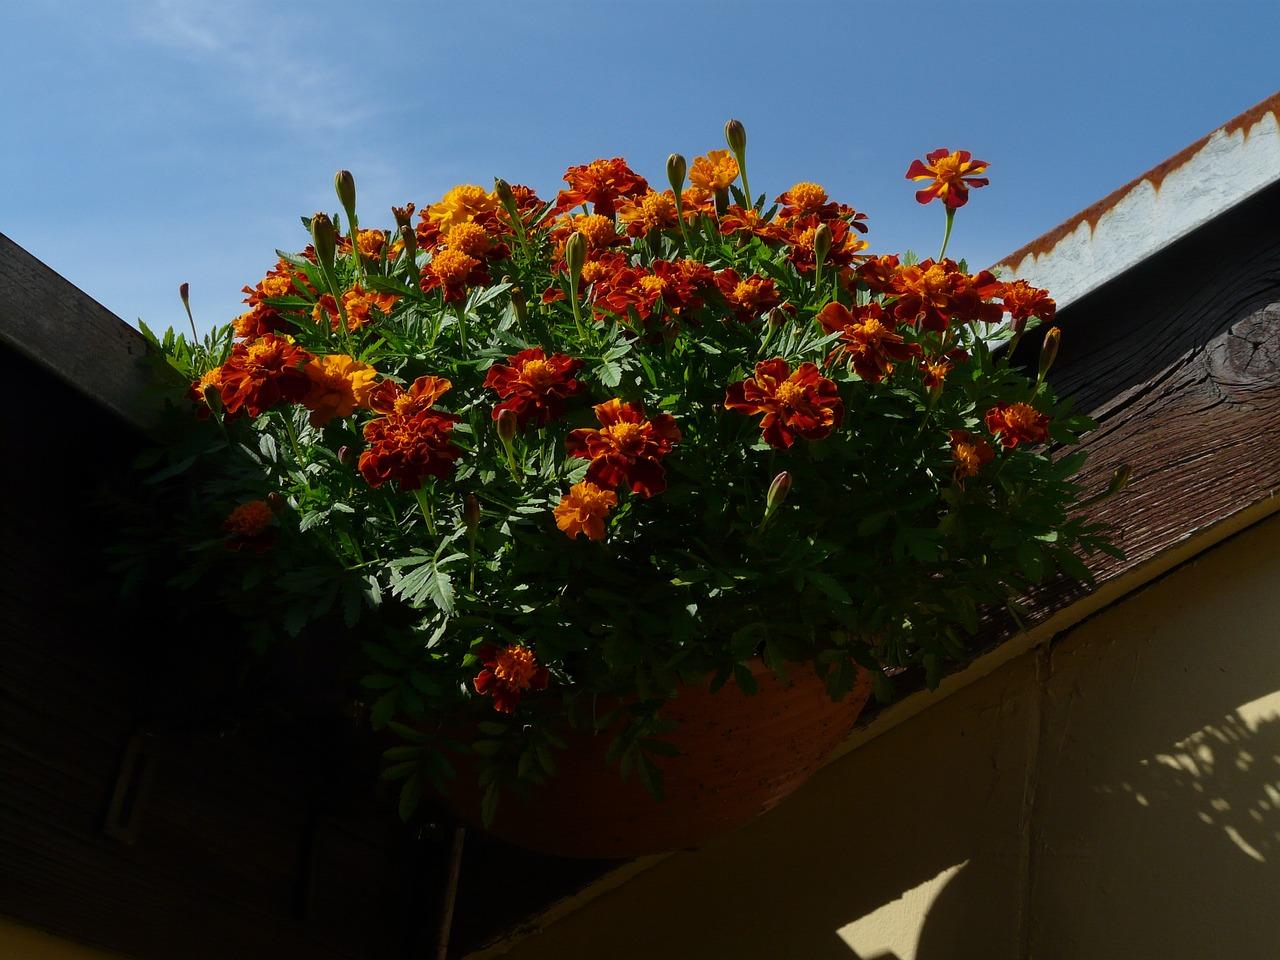 Картинки : цвести, лист, цветение, оранжевый, красный, красо.